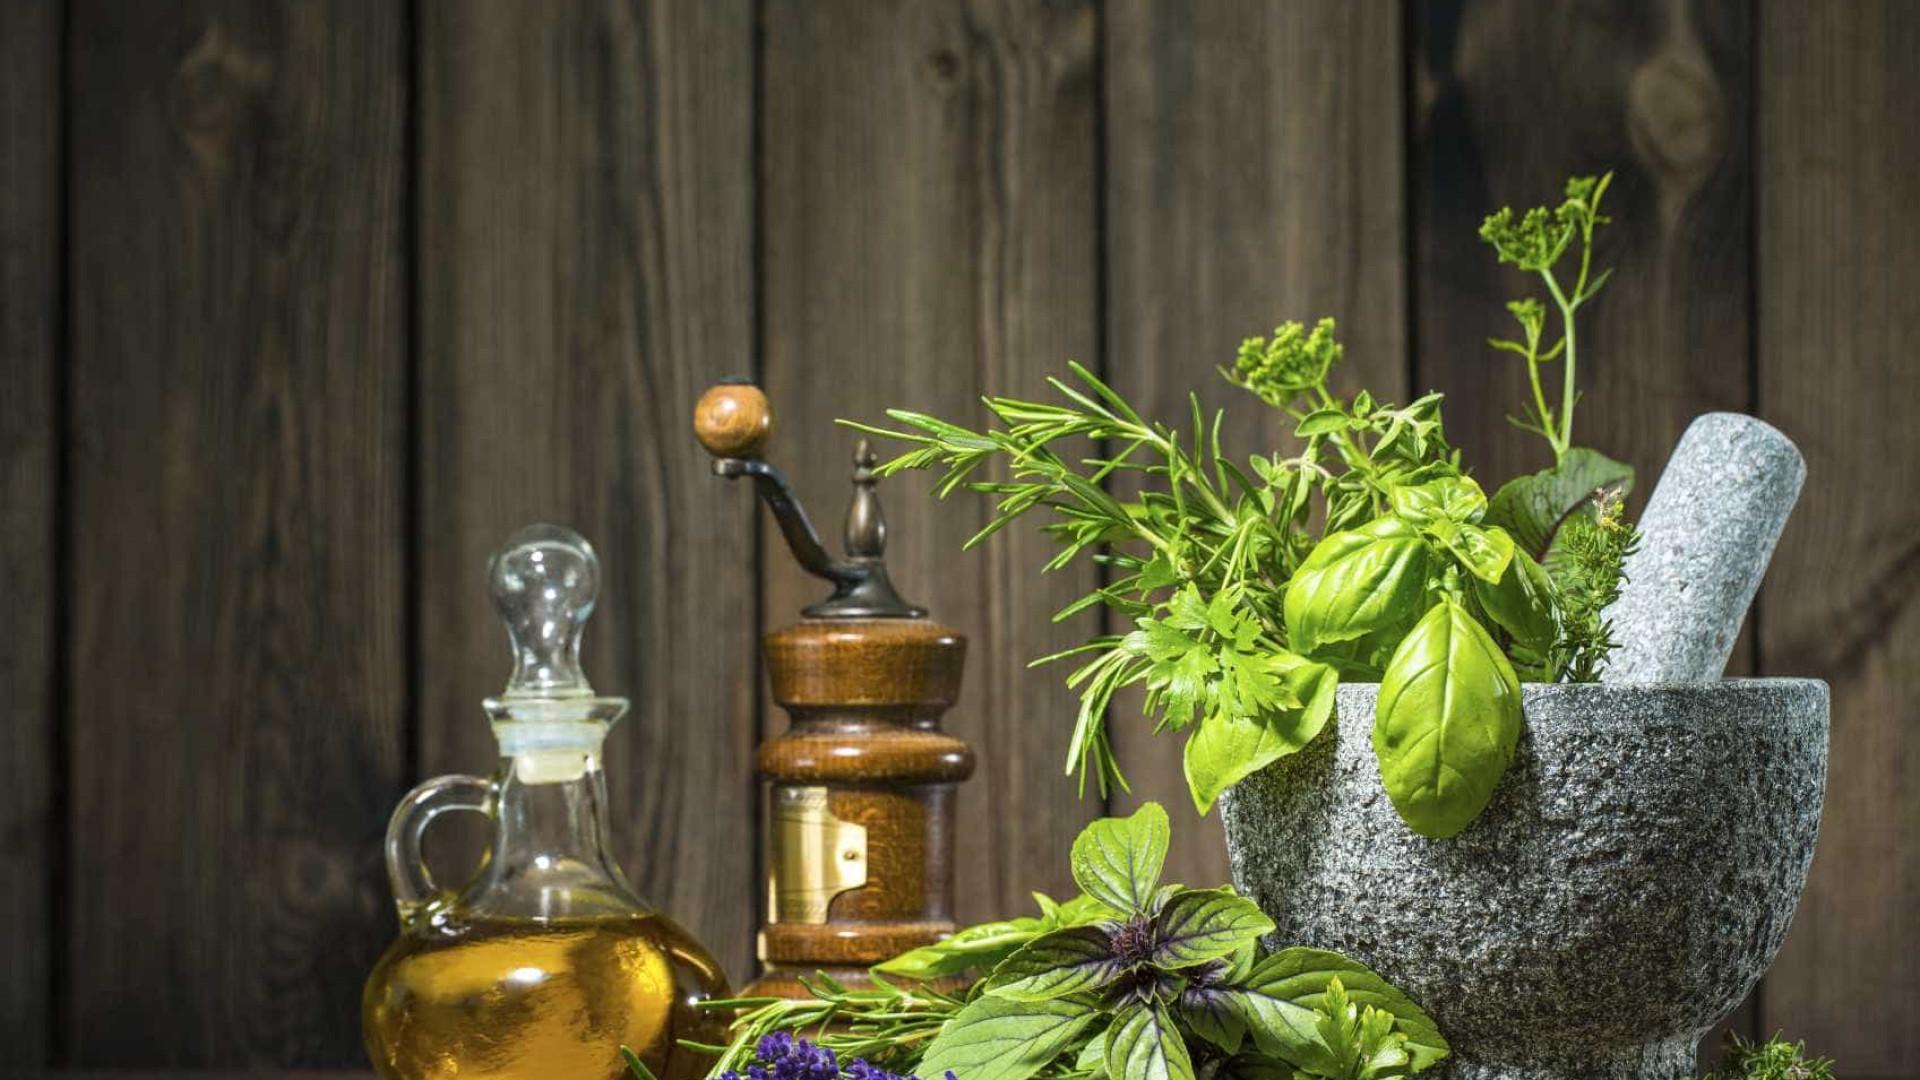 Um azeite extra virgem, em pó e com ervas aromáticas. Invenção portuguesa